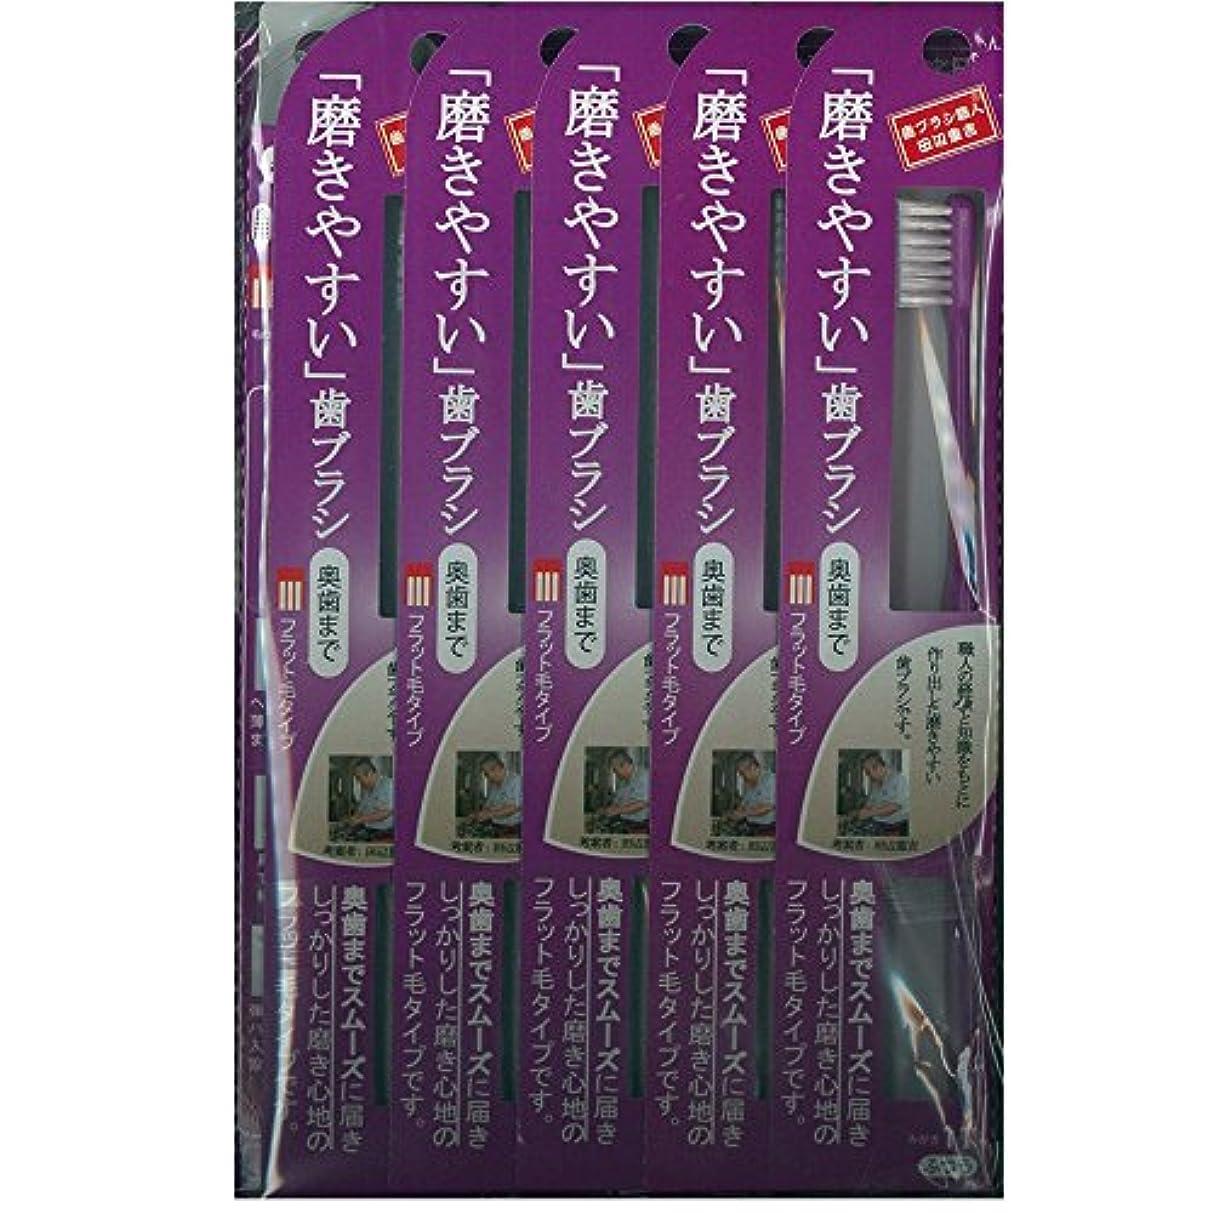 オプションすぐに雹磨きやすい歯ブラシ(奥歯まで)フラット LT-11×12本セット( ピンク×4本、ブルー×4本、グリーン×2本、パープル×2本)